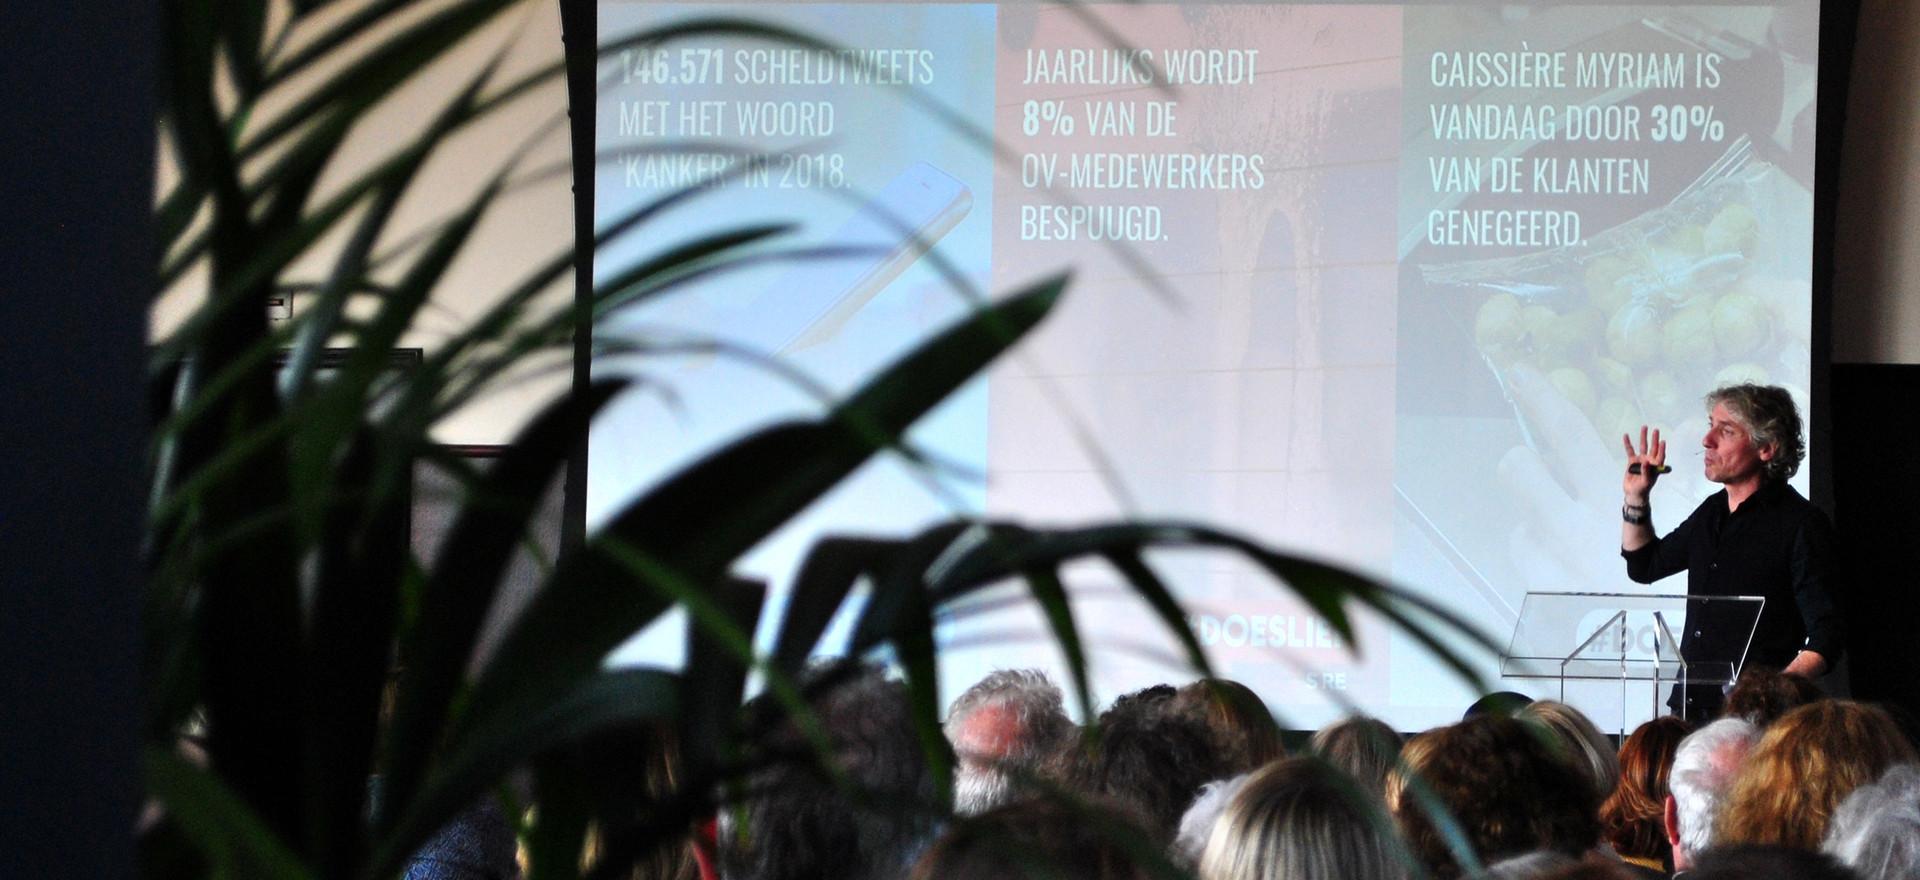 Gedragswetenschapper Reint Jan Renes over gedrag: weten ≠ willen ≠ doen.